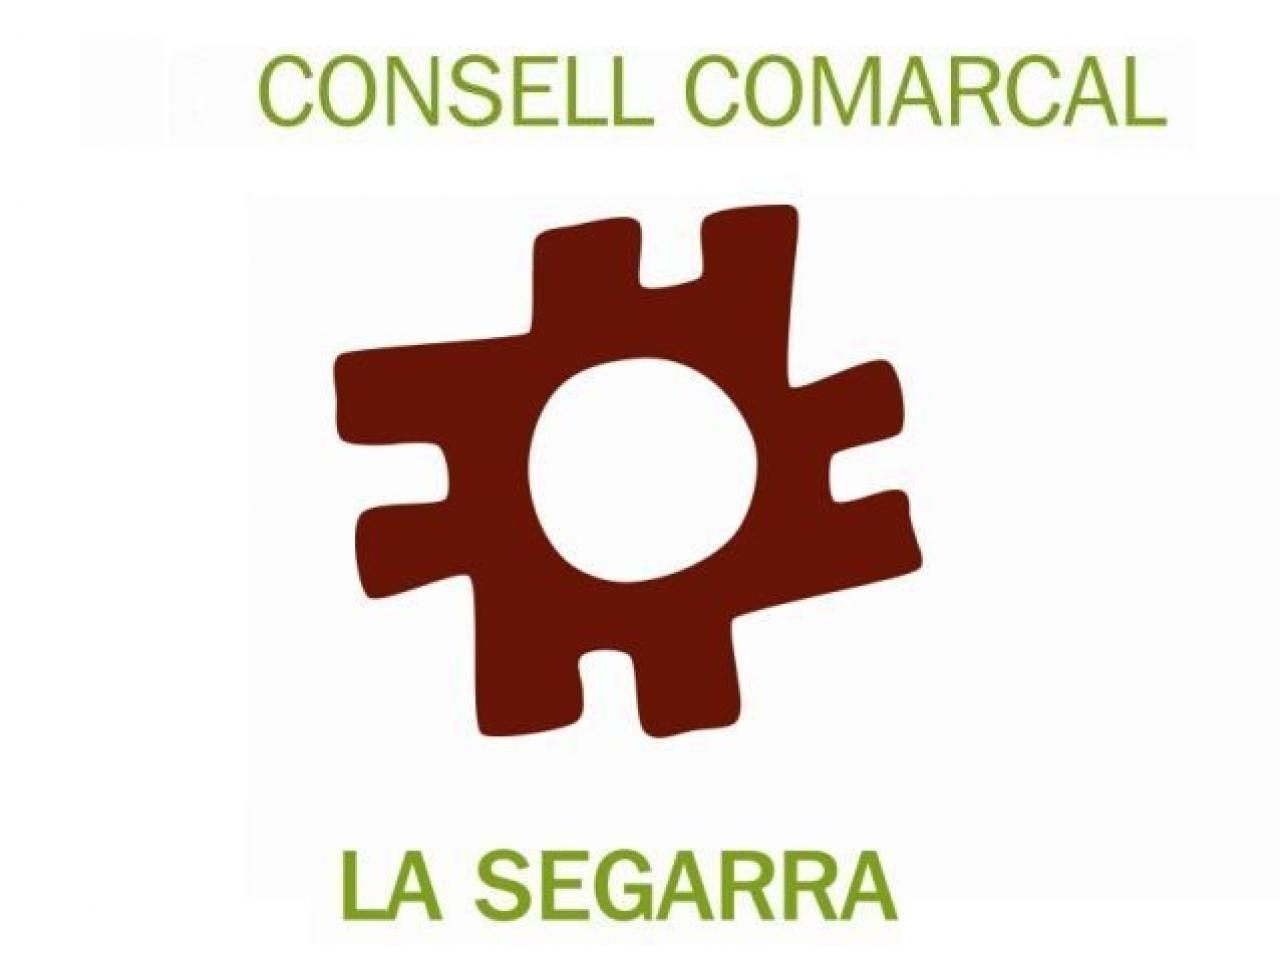 consell comarcal segarra